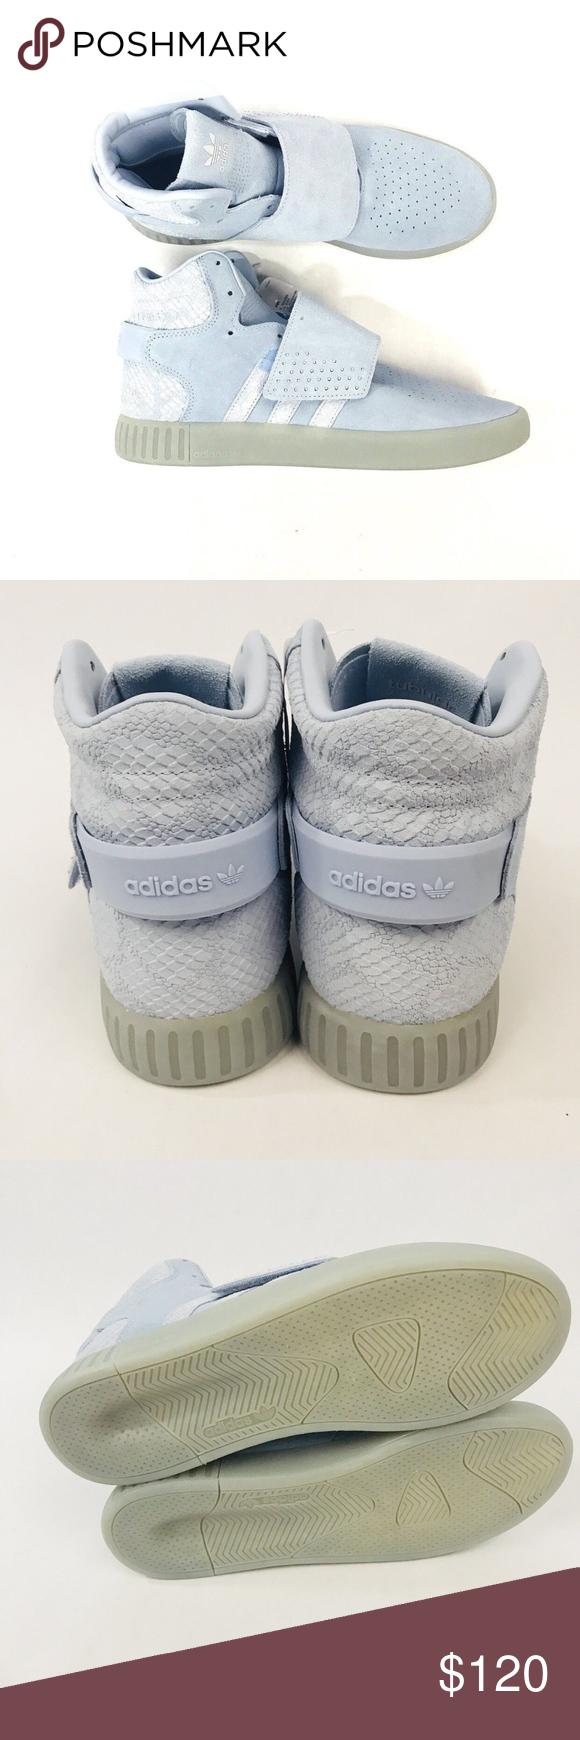 Adidas Originals tubular hombre nuevo  tamaño 10 zapatilla nuevo hombre Pinterest 14e4c8